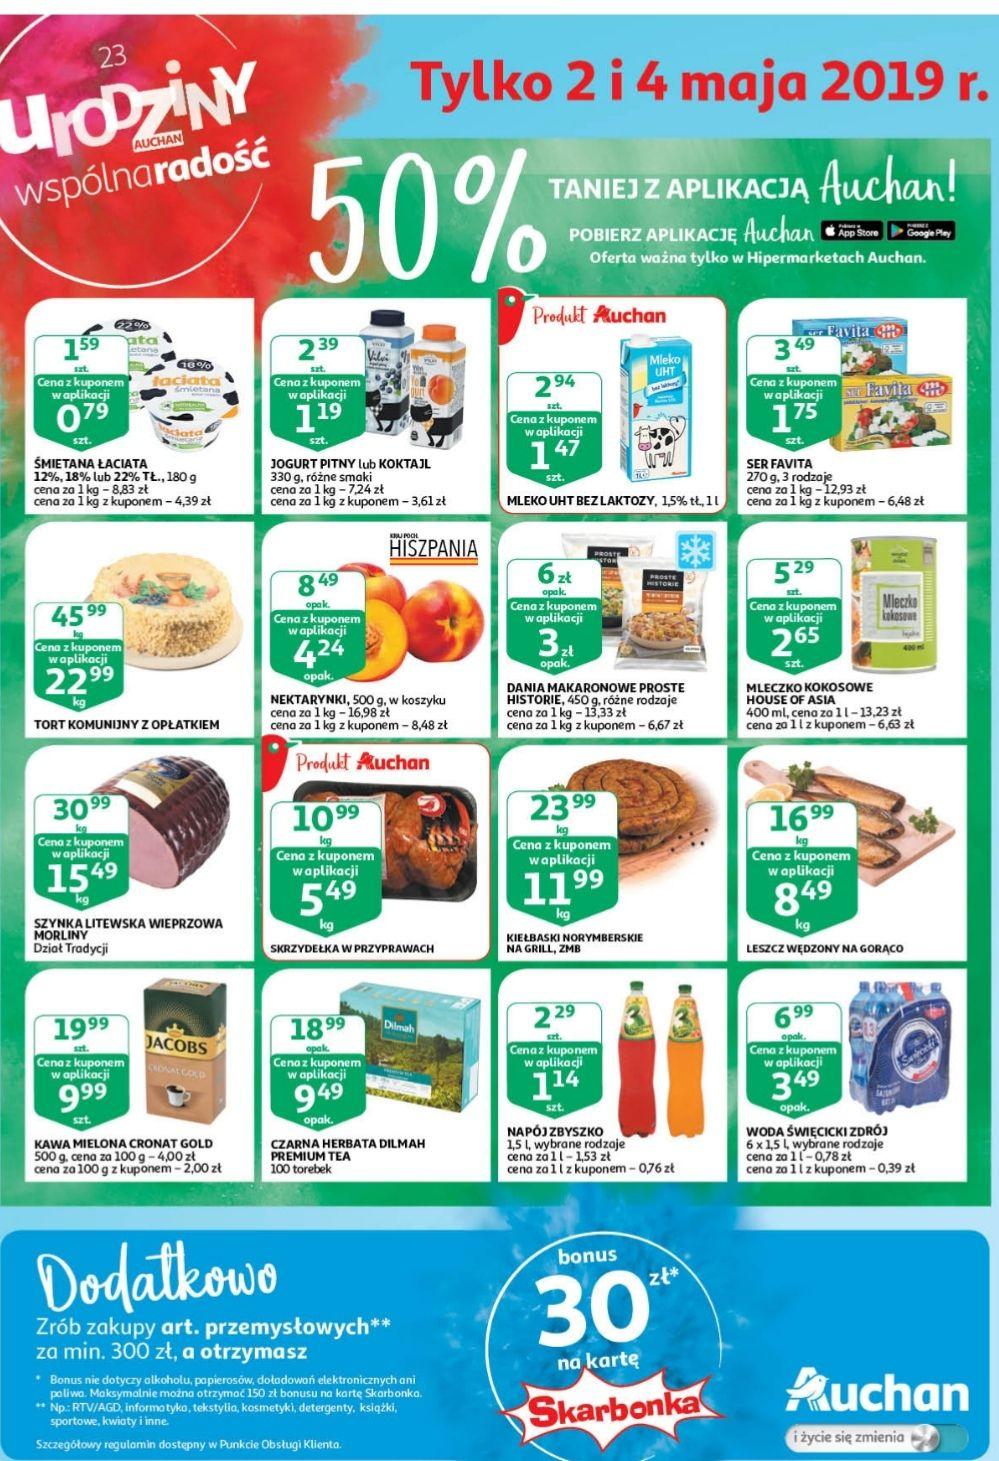 Kawa Jacobs i inne produkty za pół ceny z aplikacją Auchan